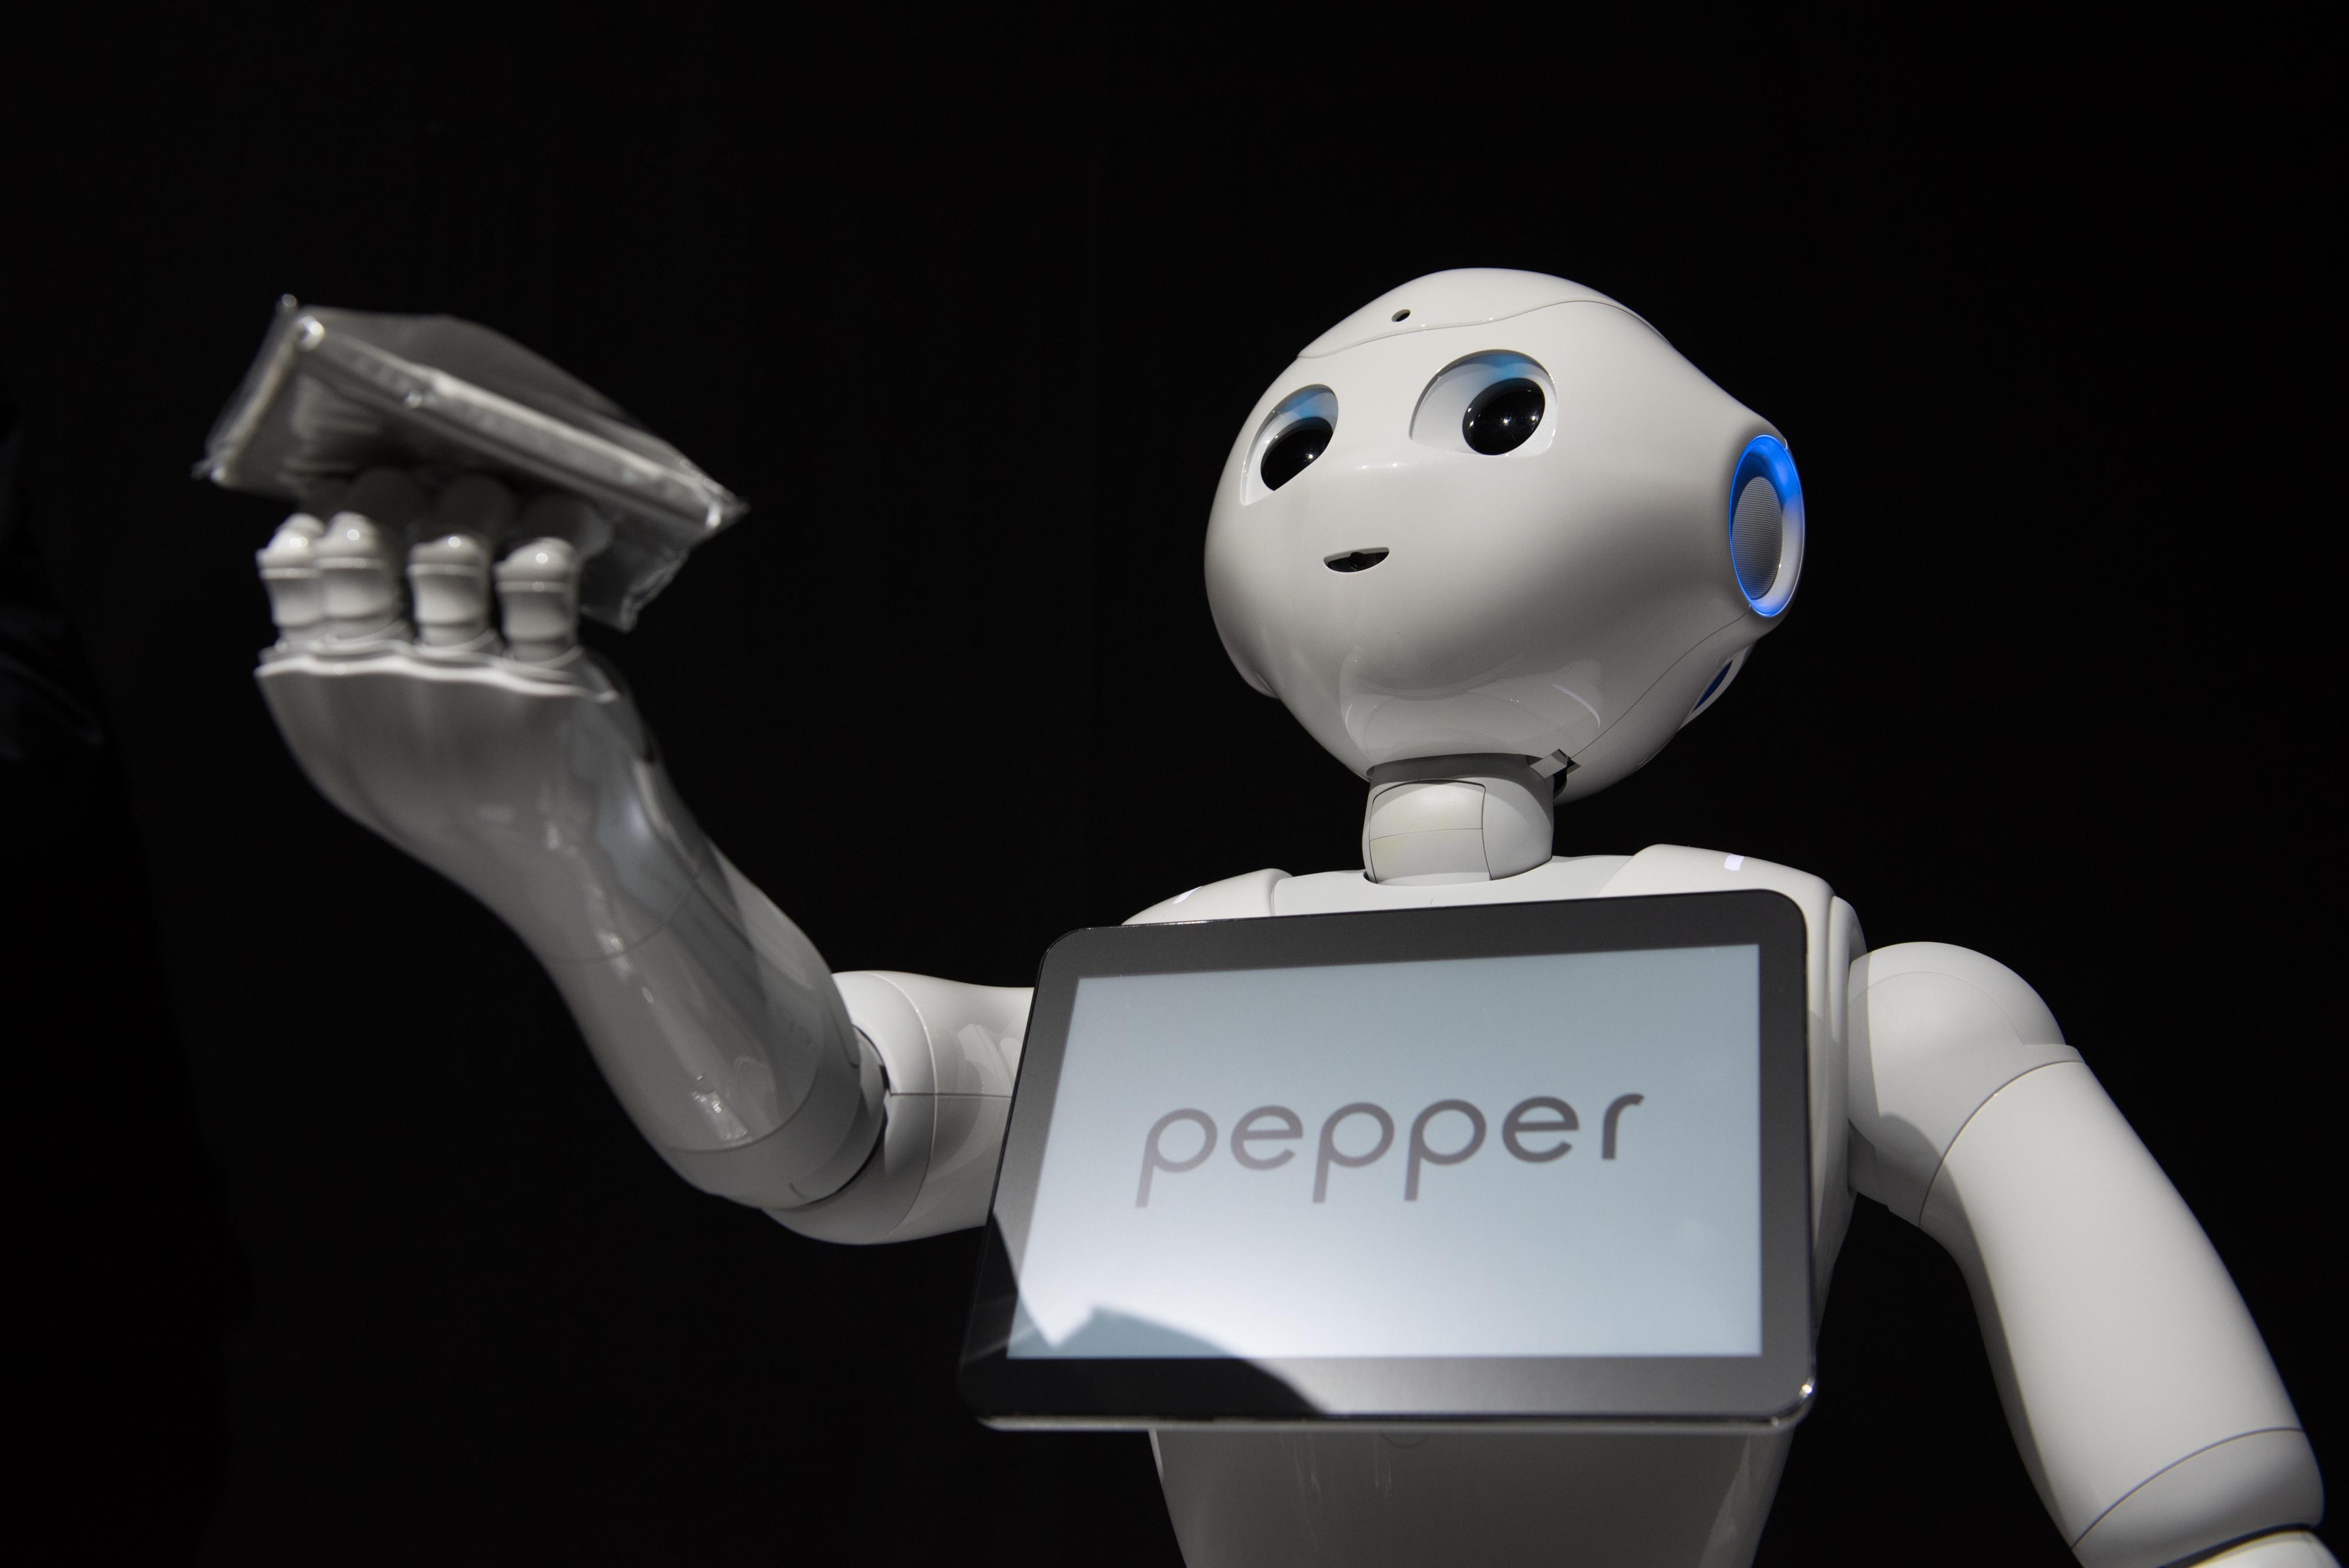 pepper (Array)